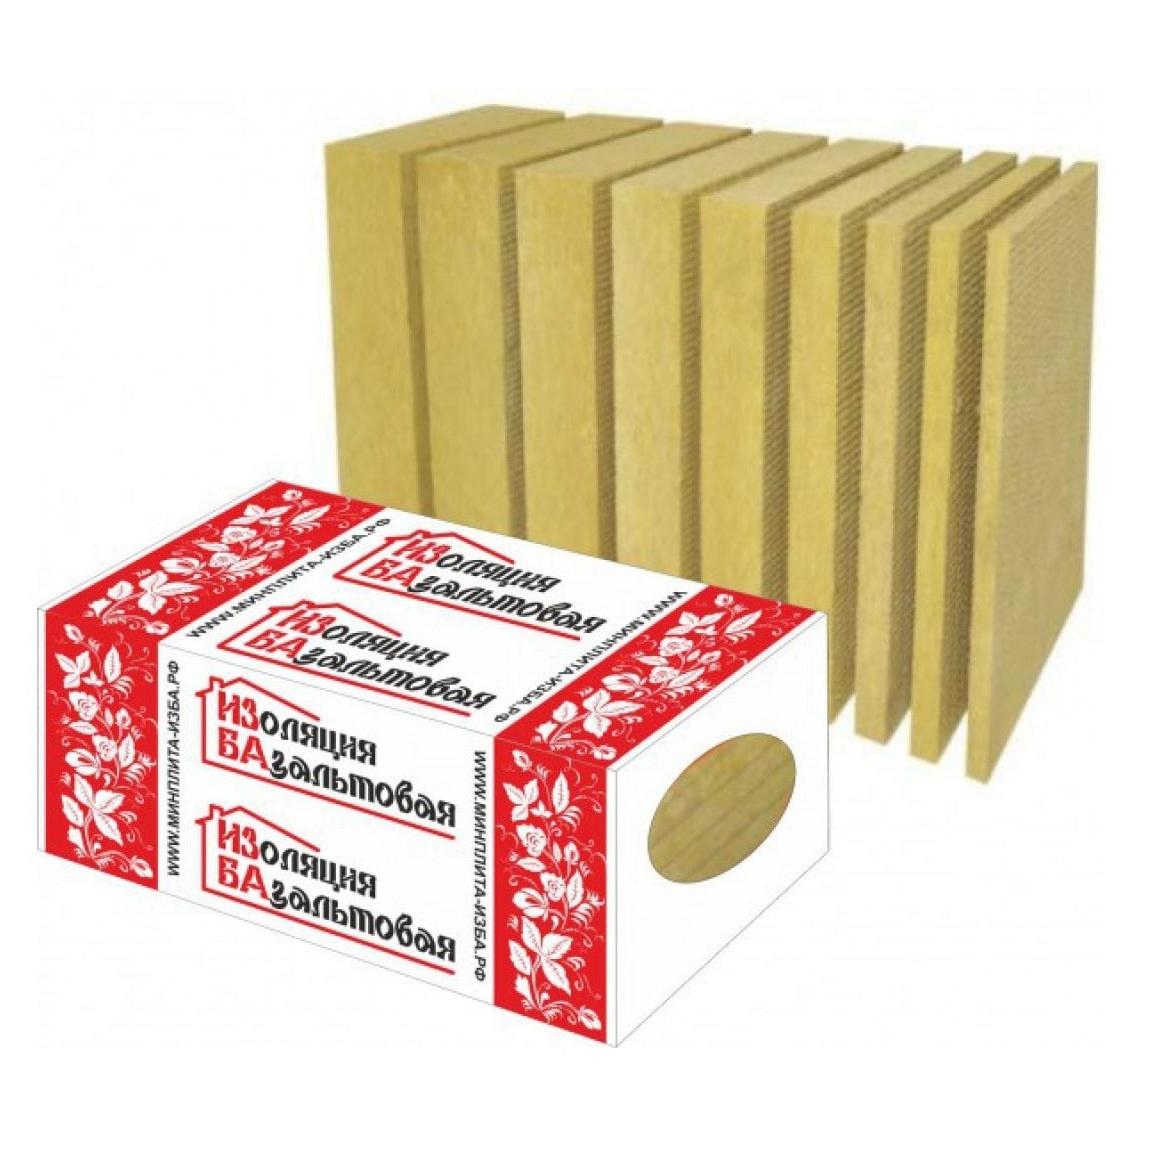 Теплоизоляция ИЗБА-501000х600х50 (30кг/м3)430 руб